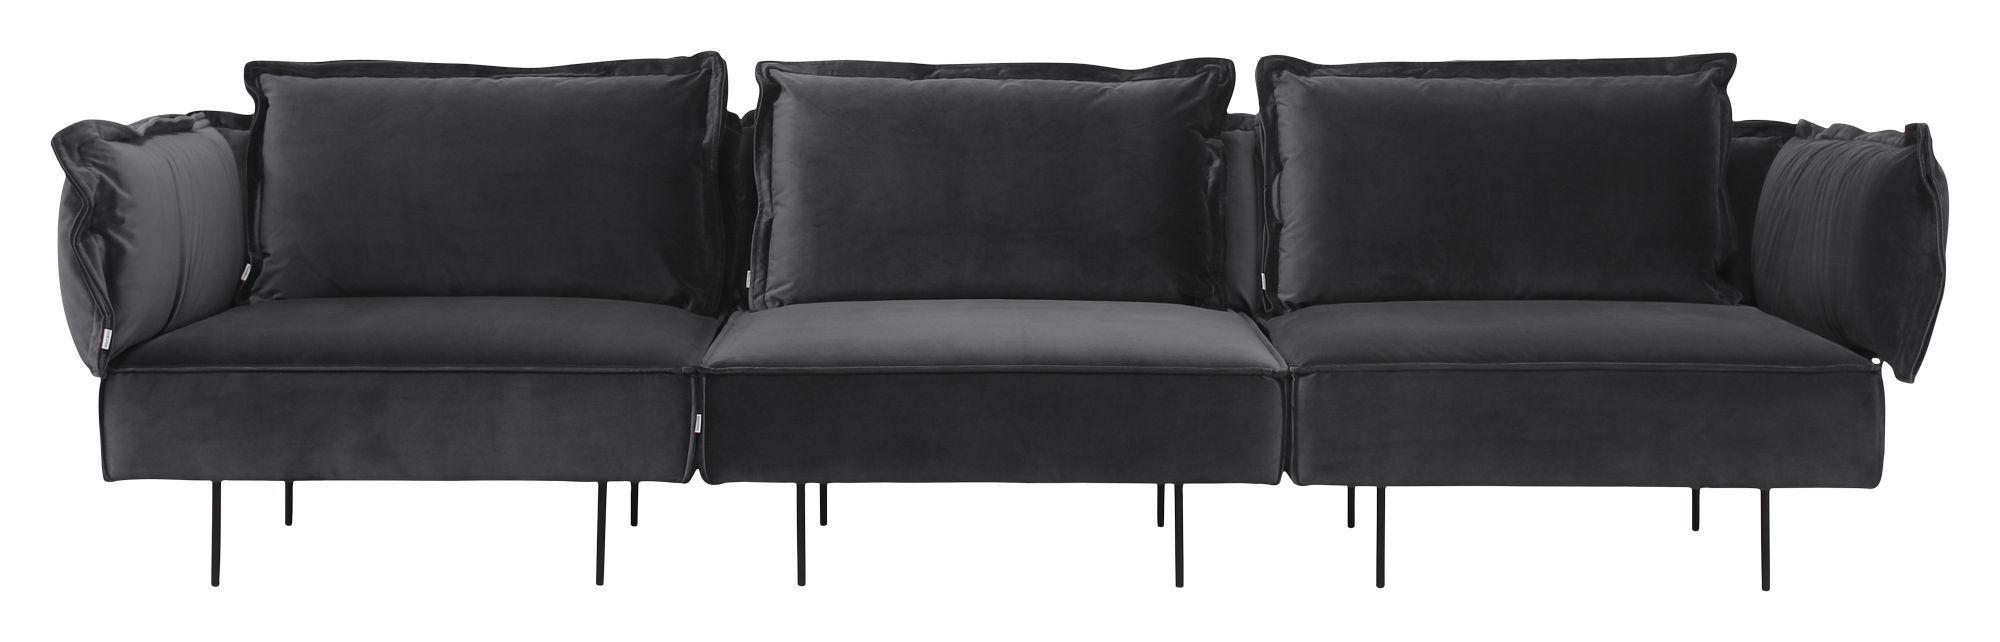 HANDVÄRK The Modular sofa hjørne - Grå Velour - Hjørne